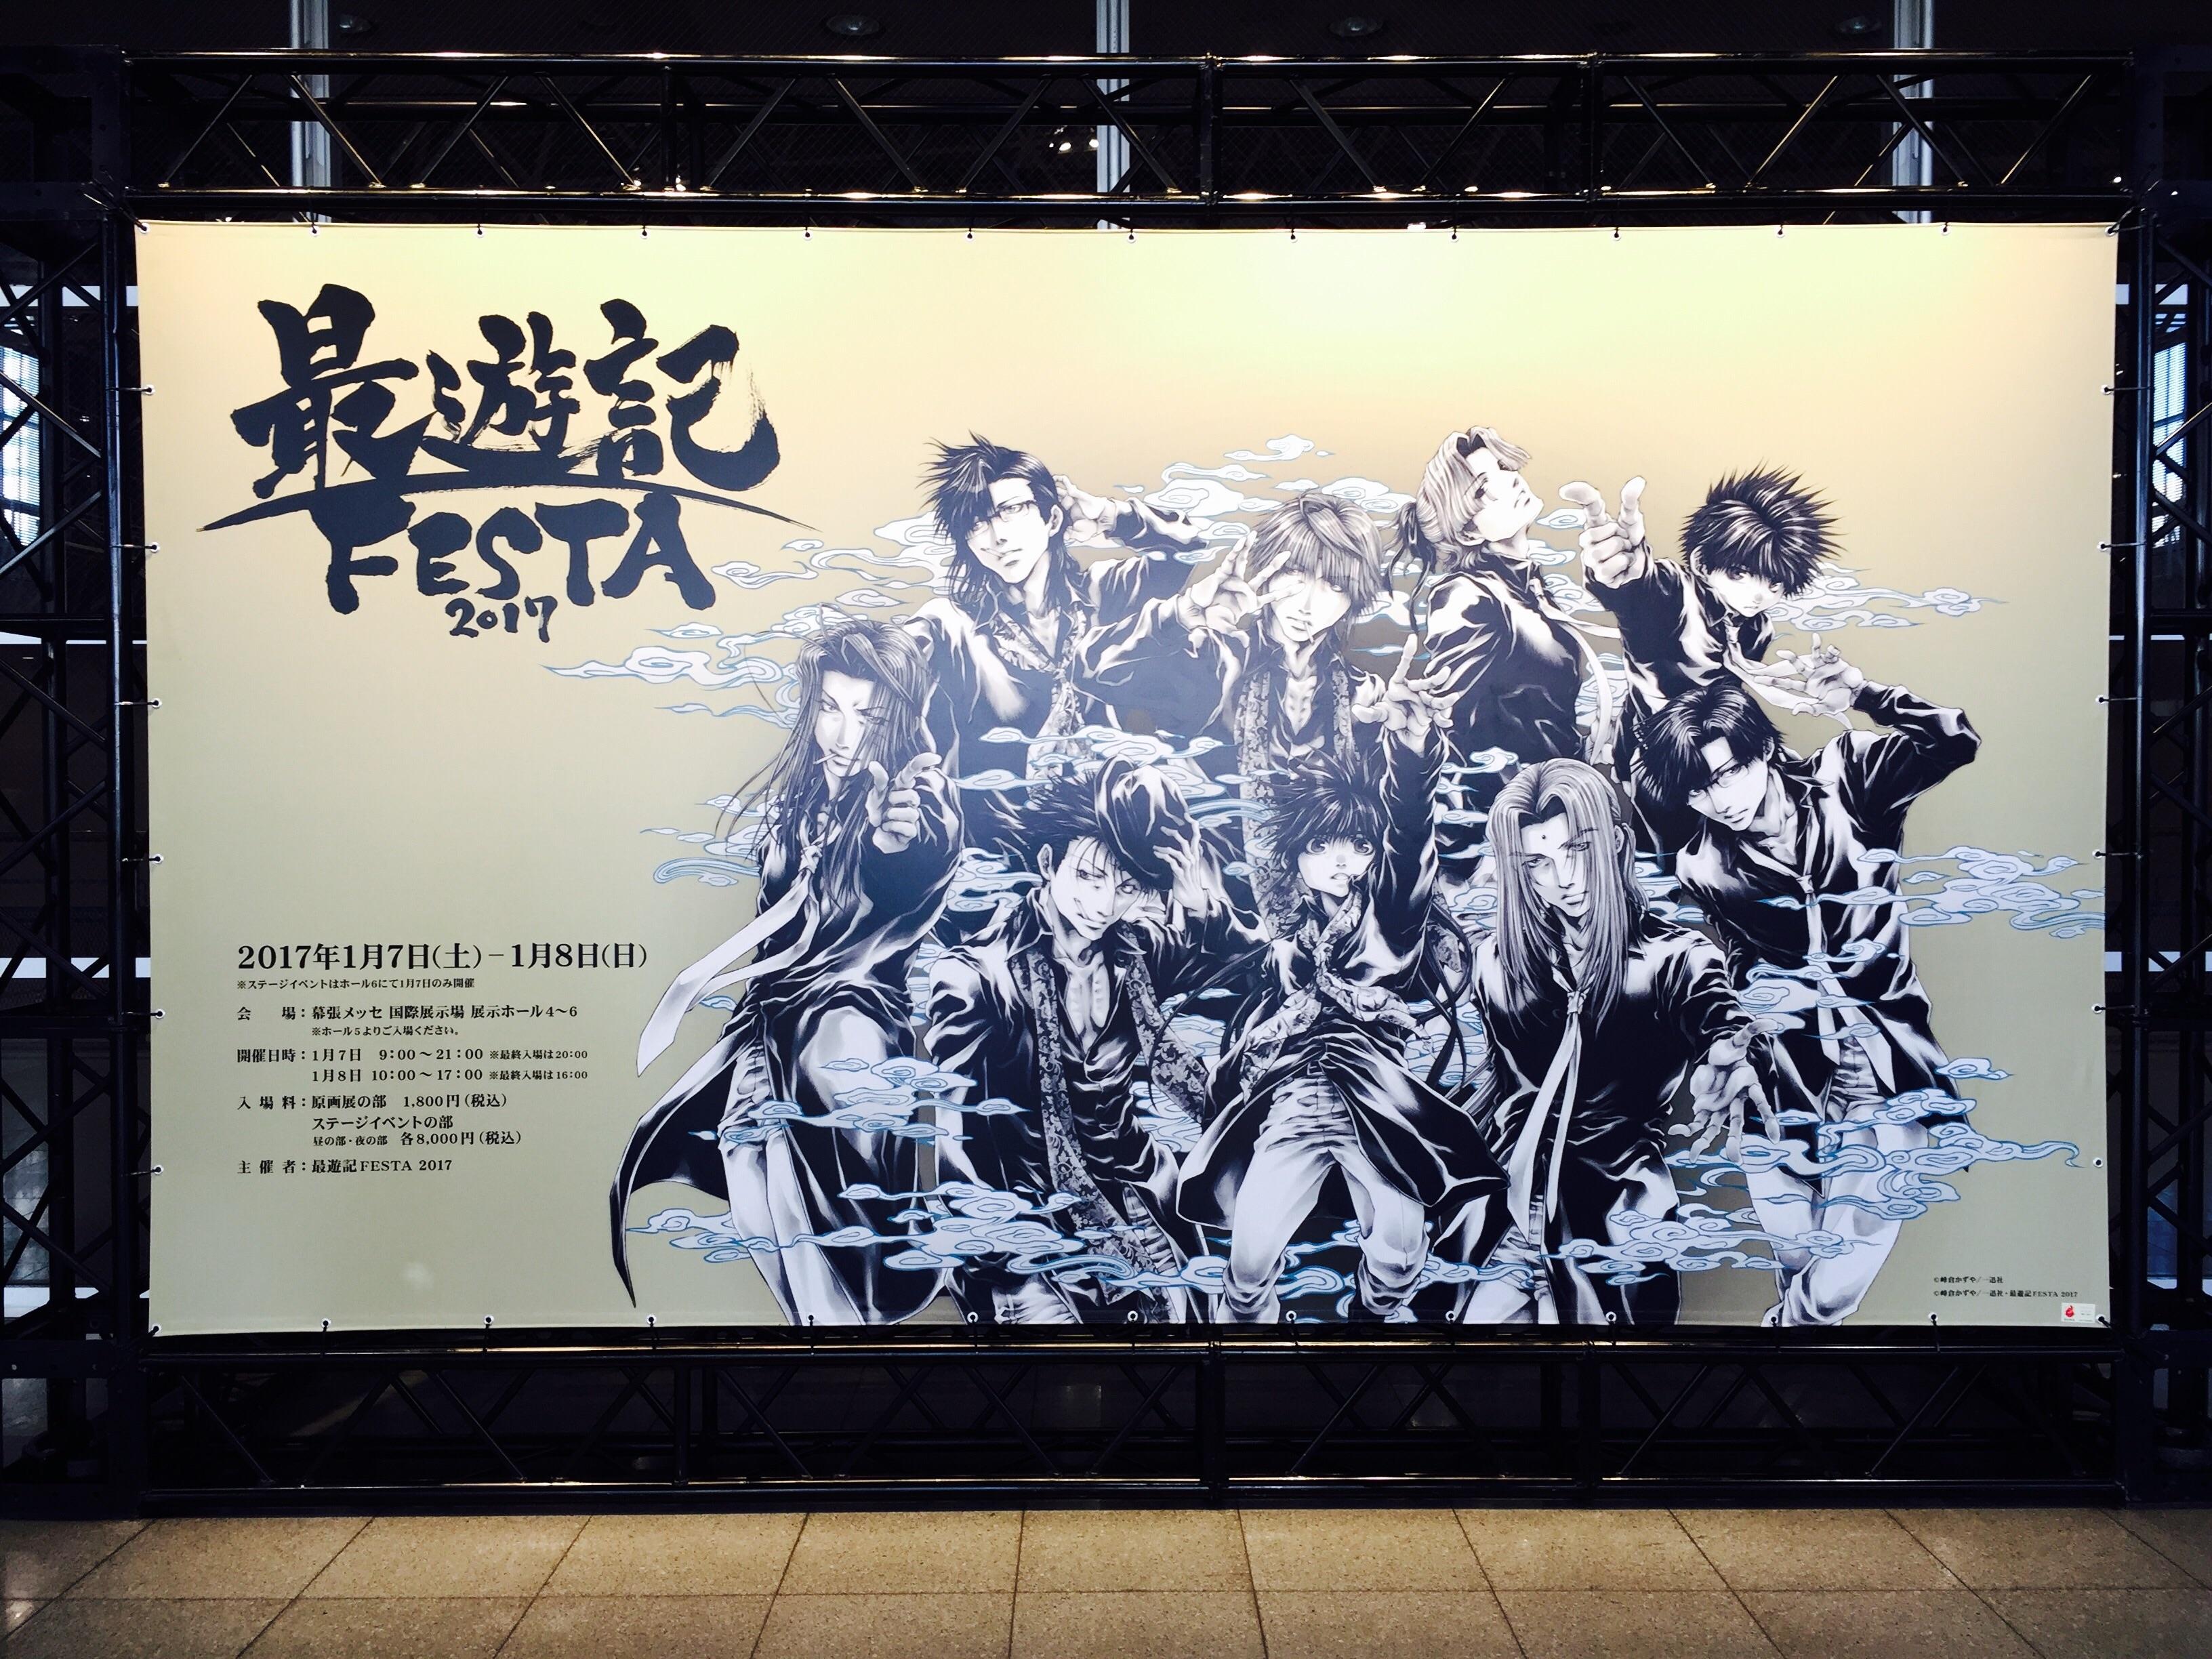 f:id:atsuki-iroha:20170115100126j:image